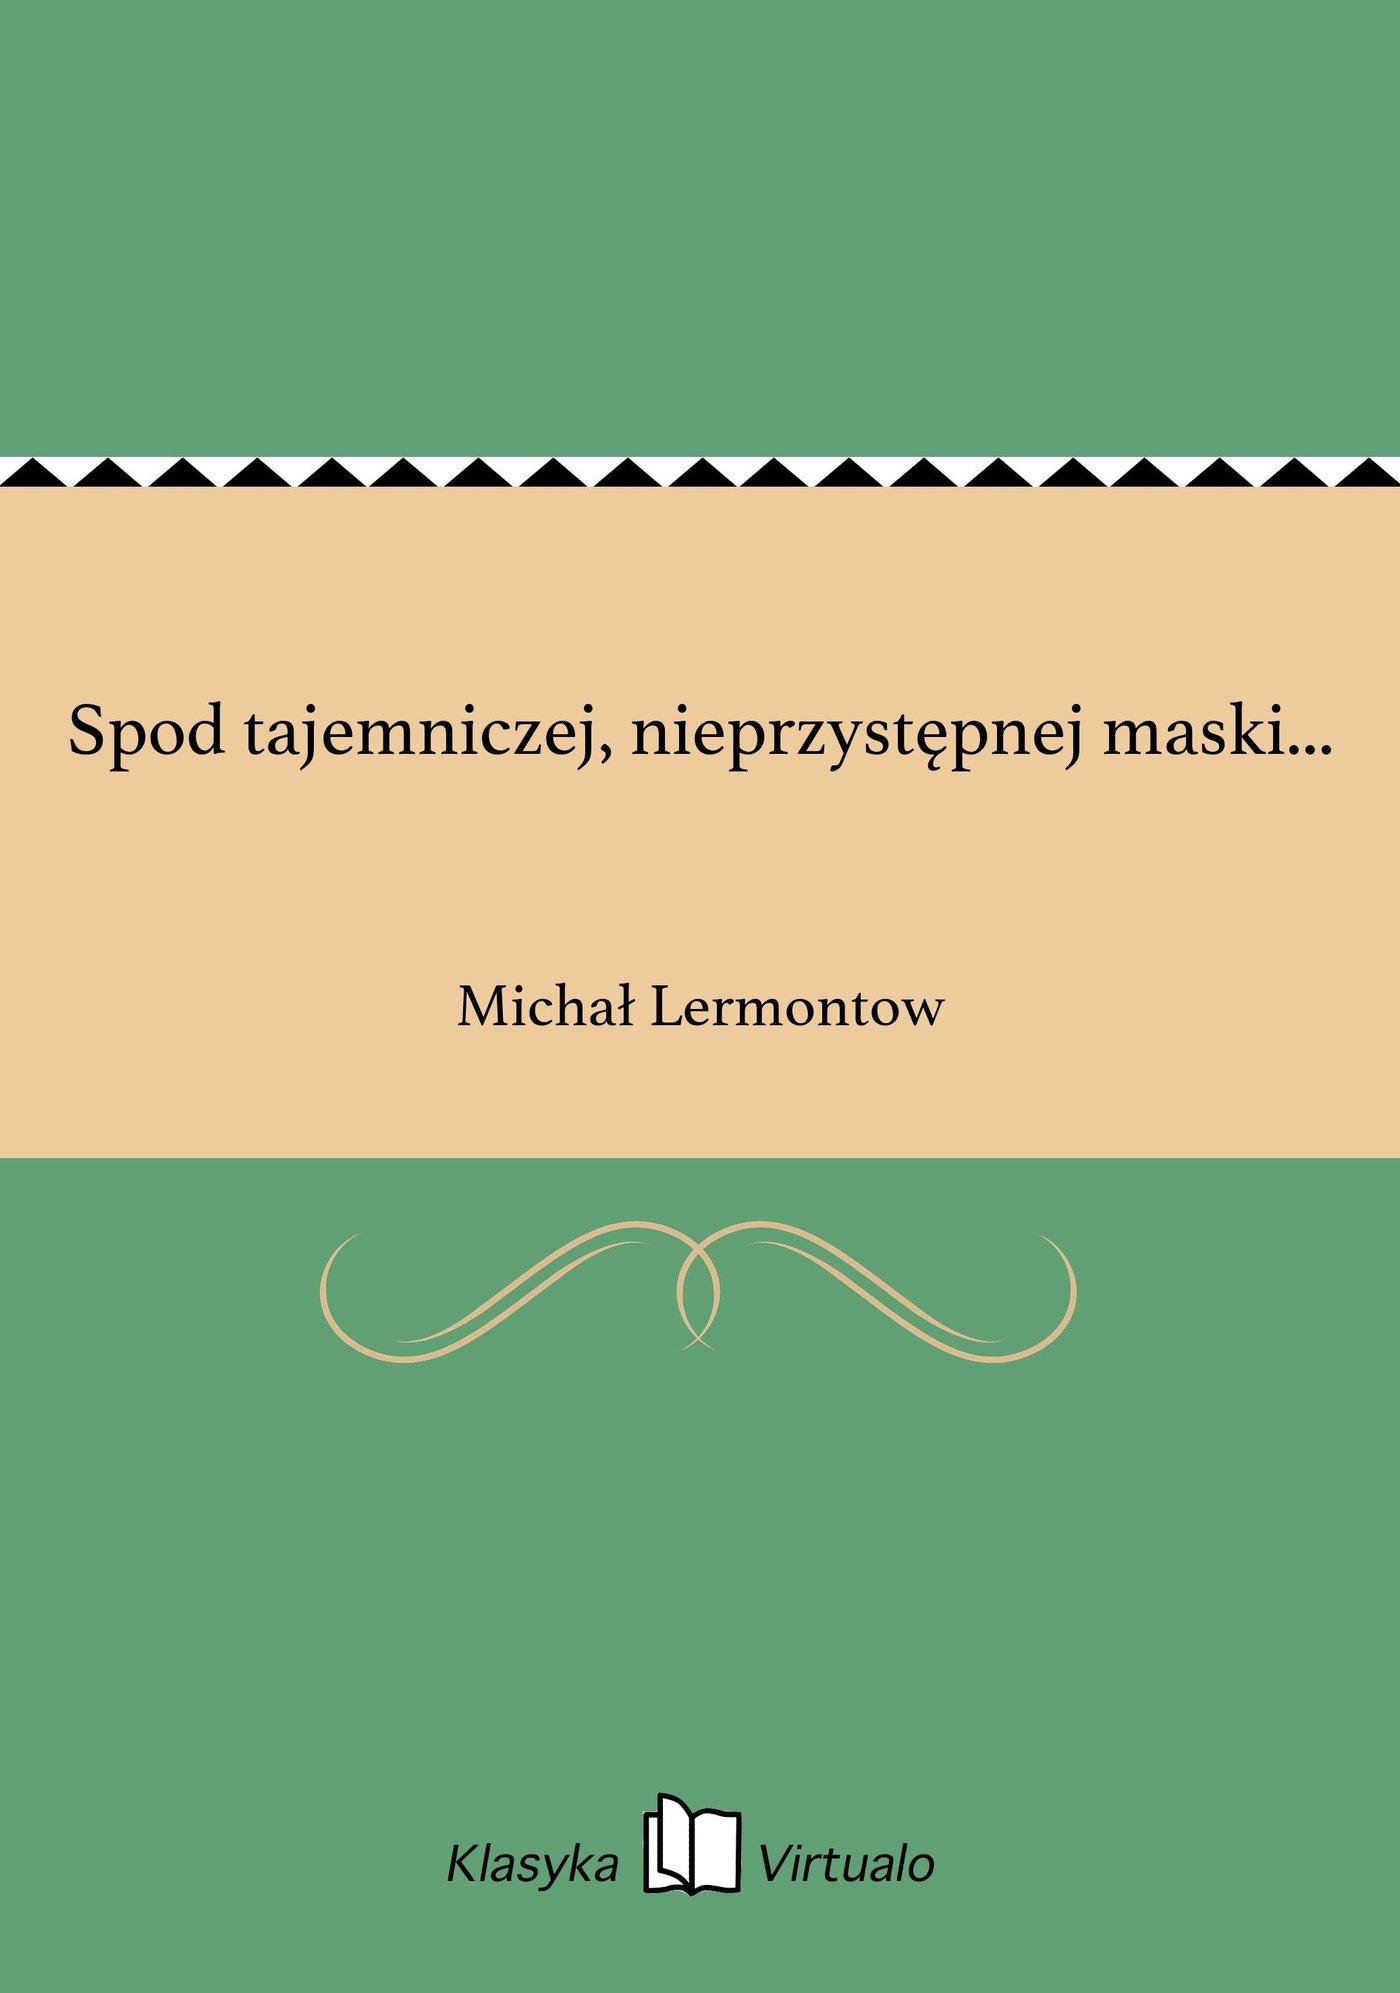 Spod tajemniczej, nieprzystępnej maski... - Ebook (Książka na Kindle) do pobrania w formacie MOBI